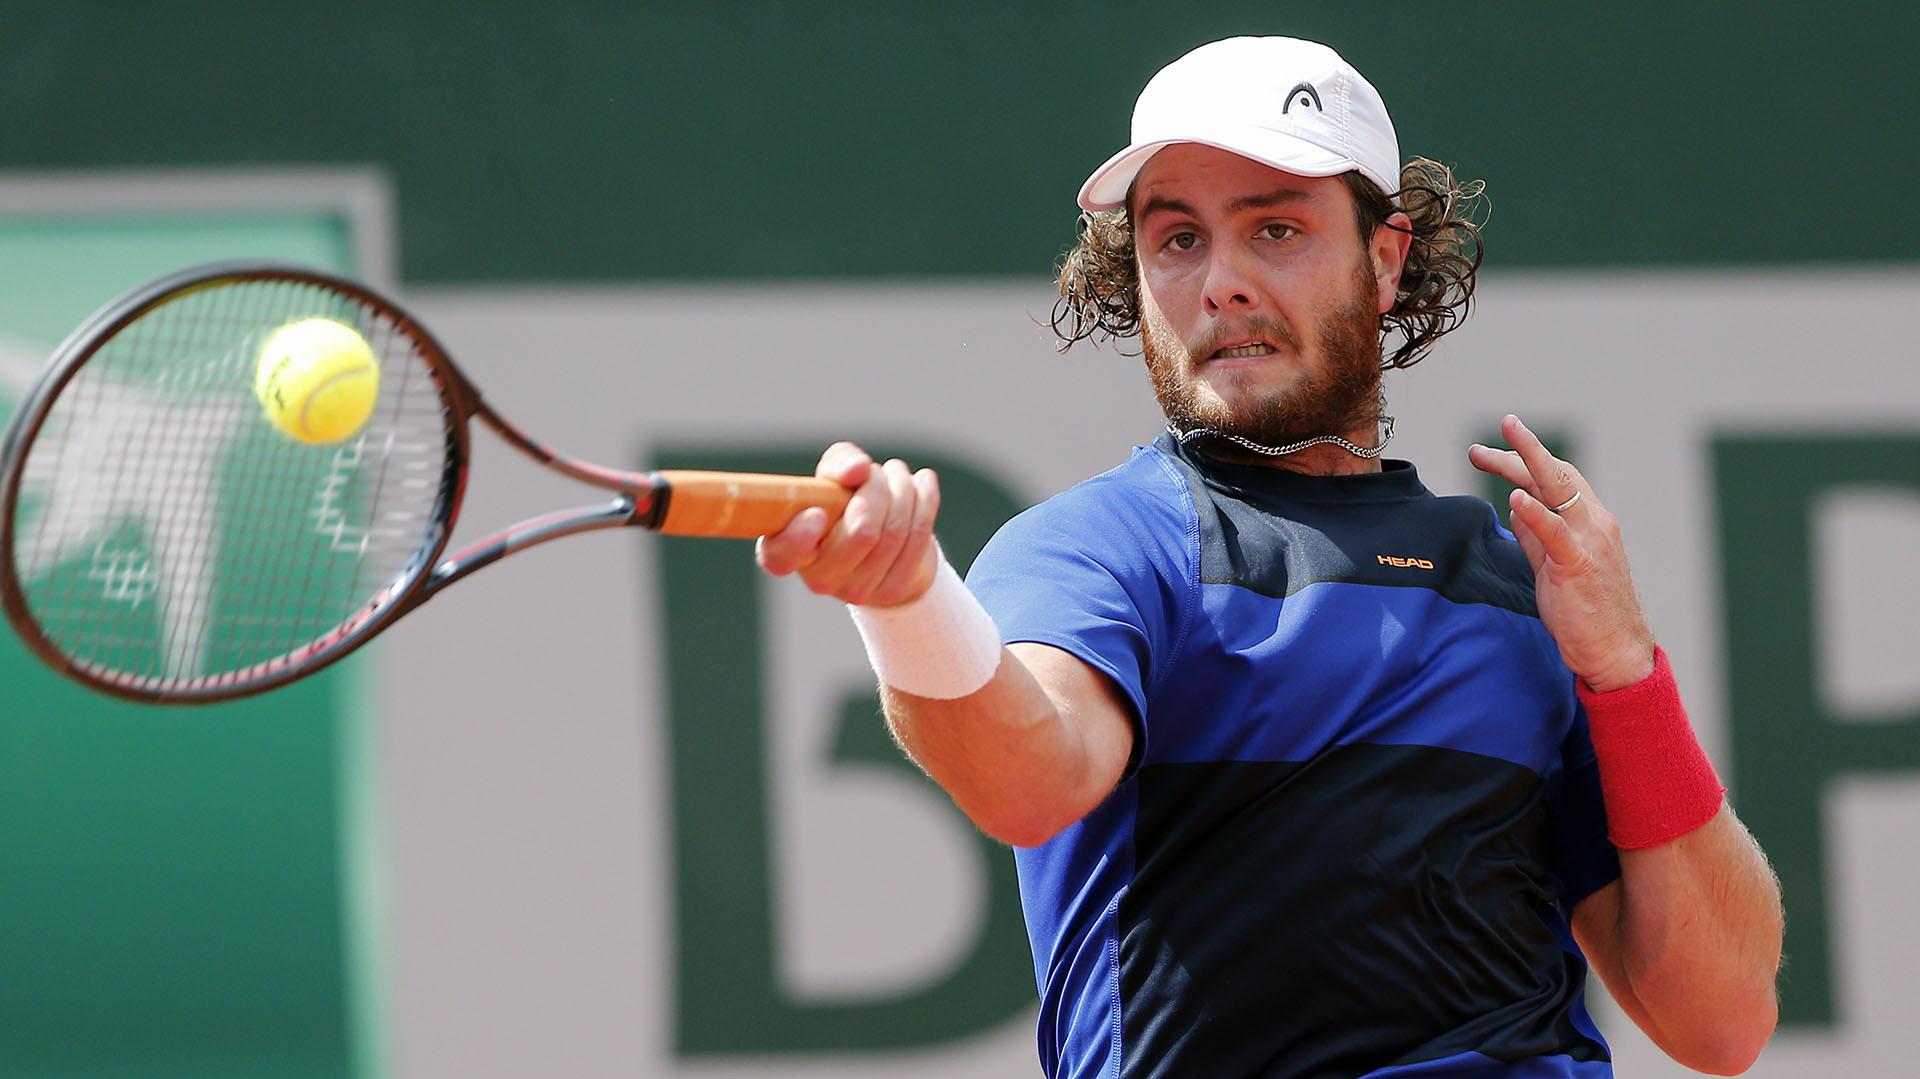 Trungelliti cayó ante el italiano Cecchinato en la segunda ronda de Roland Garros (AP)